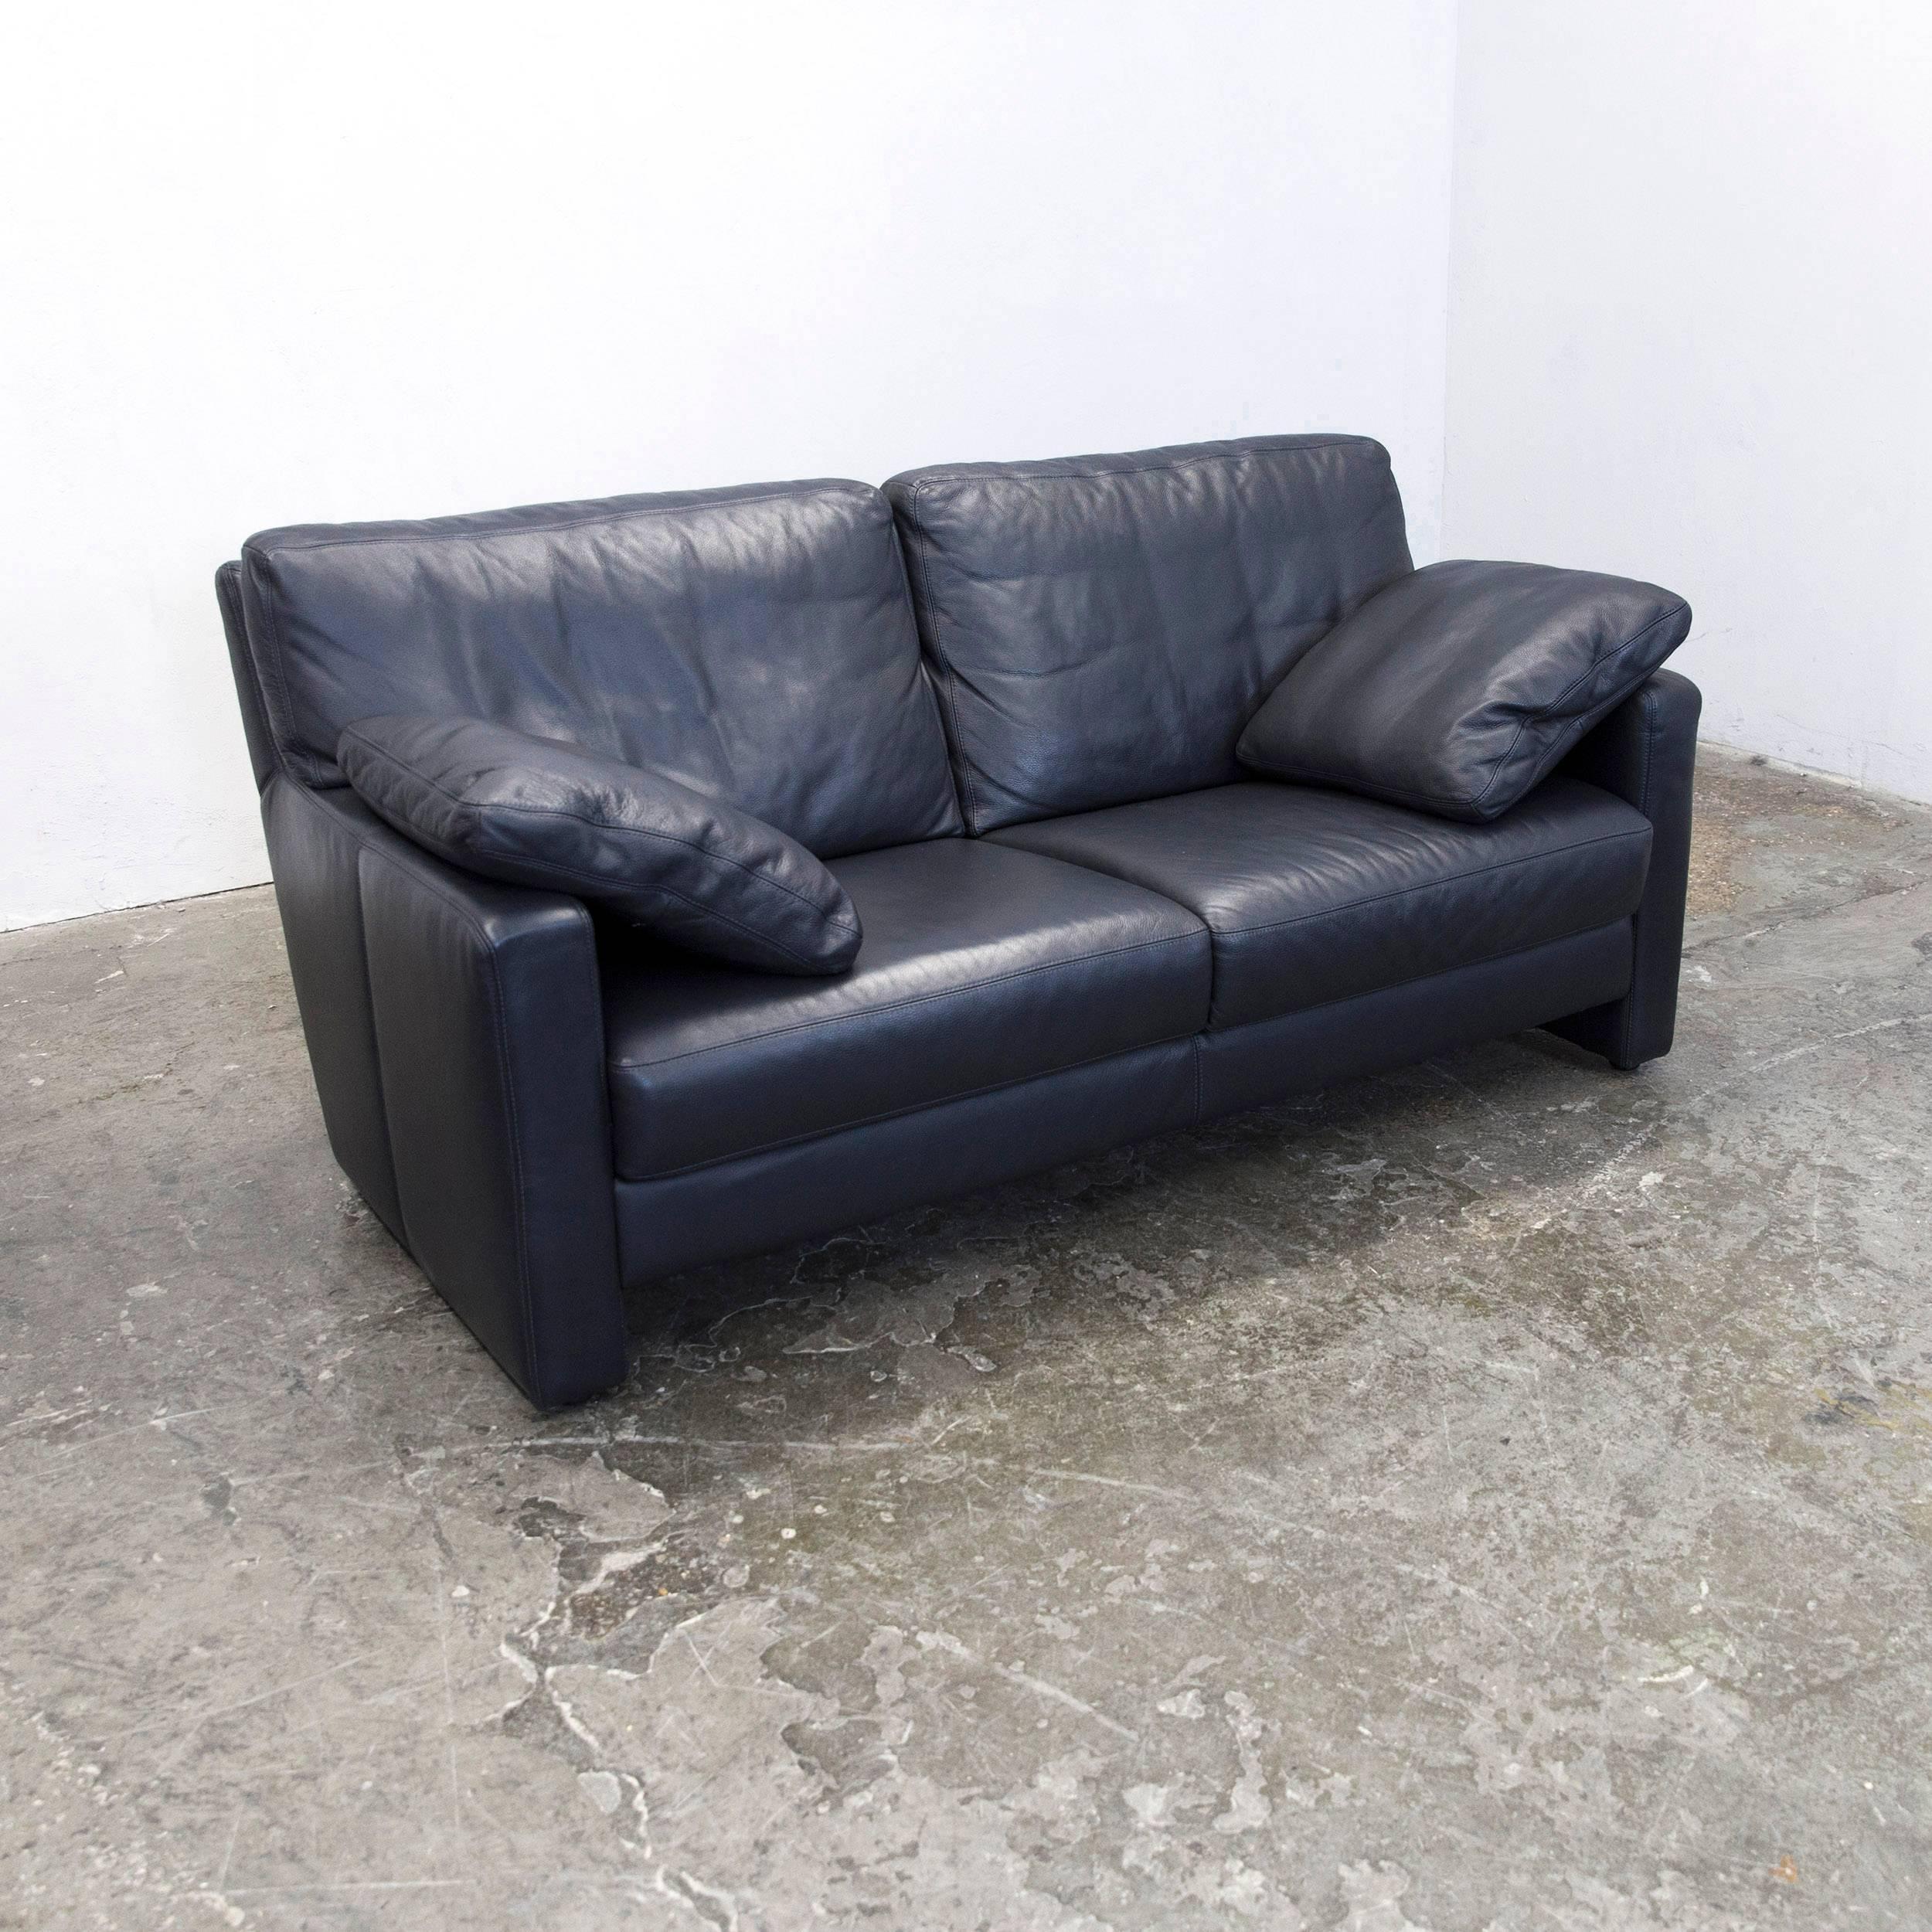 leder ecksofa schwarz finest w schillig sessel fresh. Black Bedroom Furniture Sets. Home Design Ideas